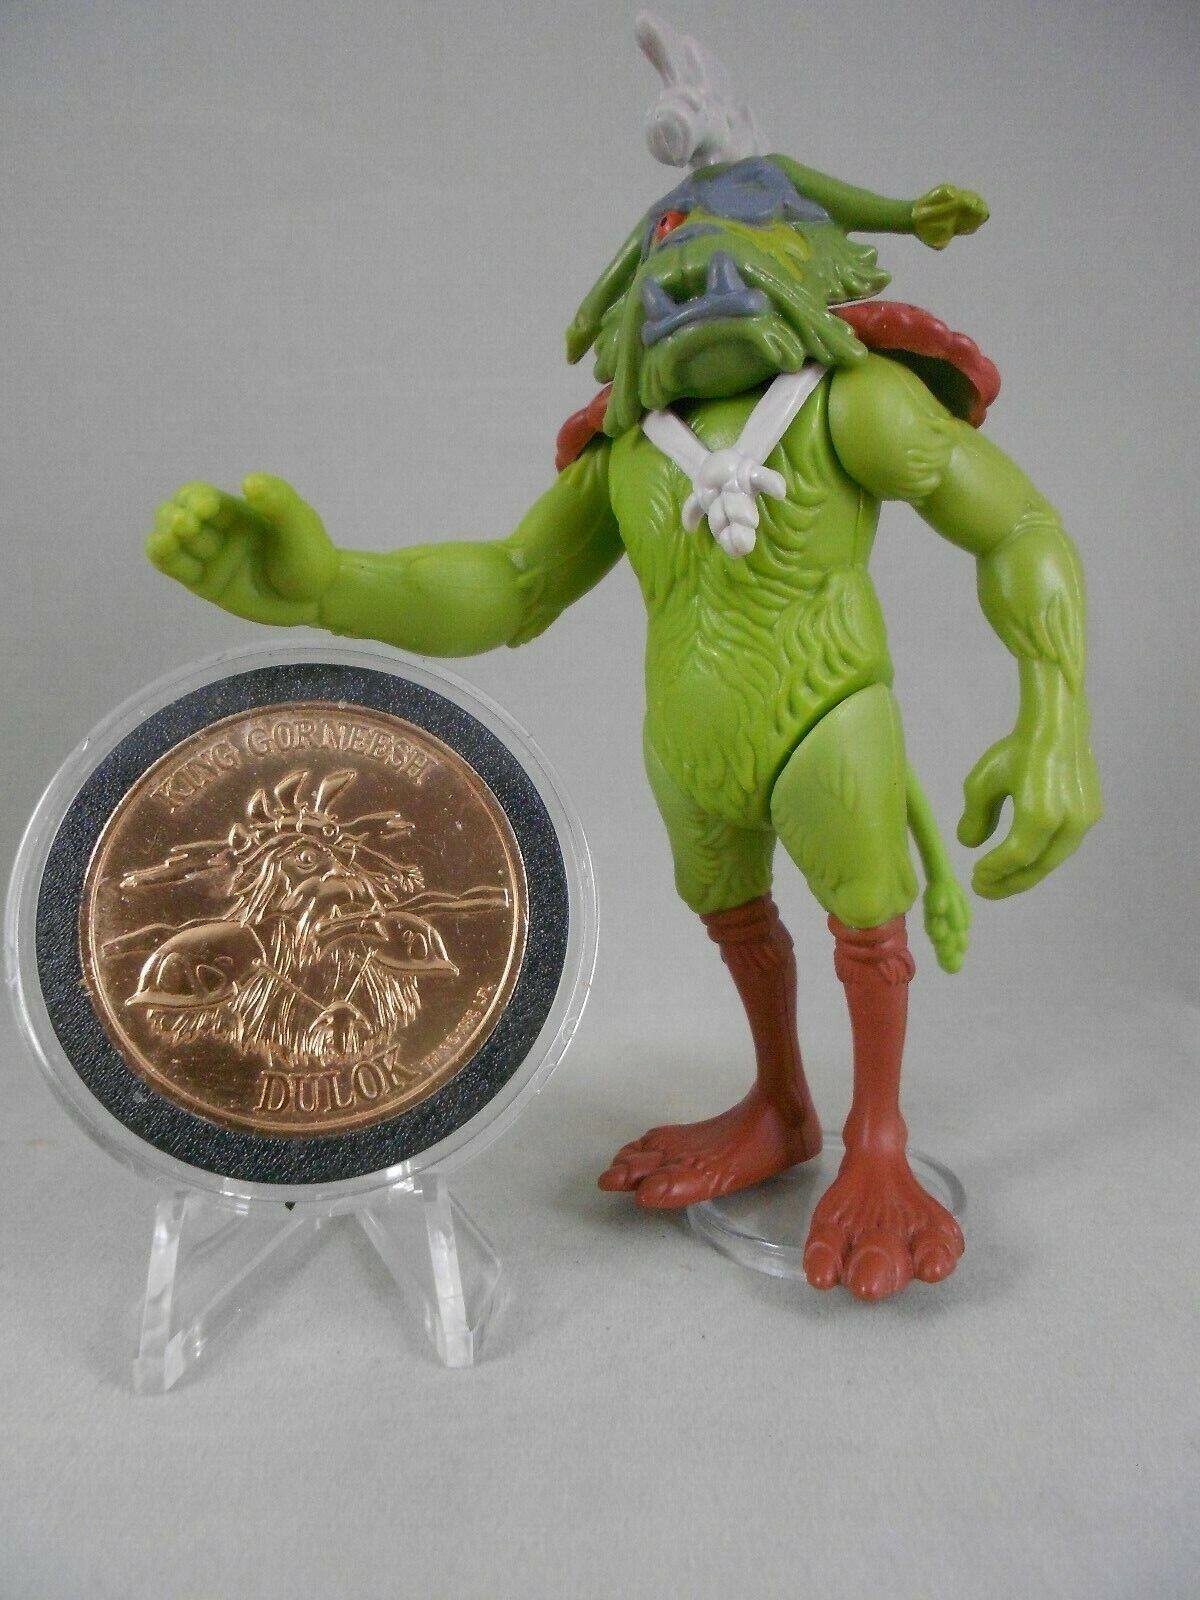 Vintage Star Wars Ewoks 1985 King Gorneesh - N Mint  w Ewok Coin  - Kenner